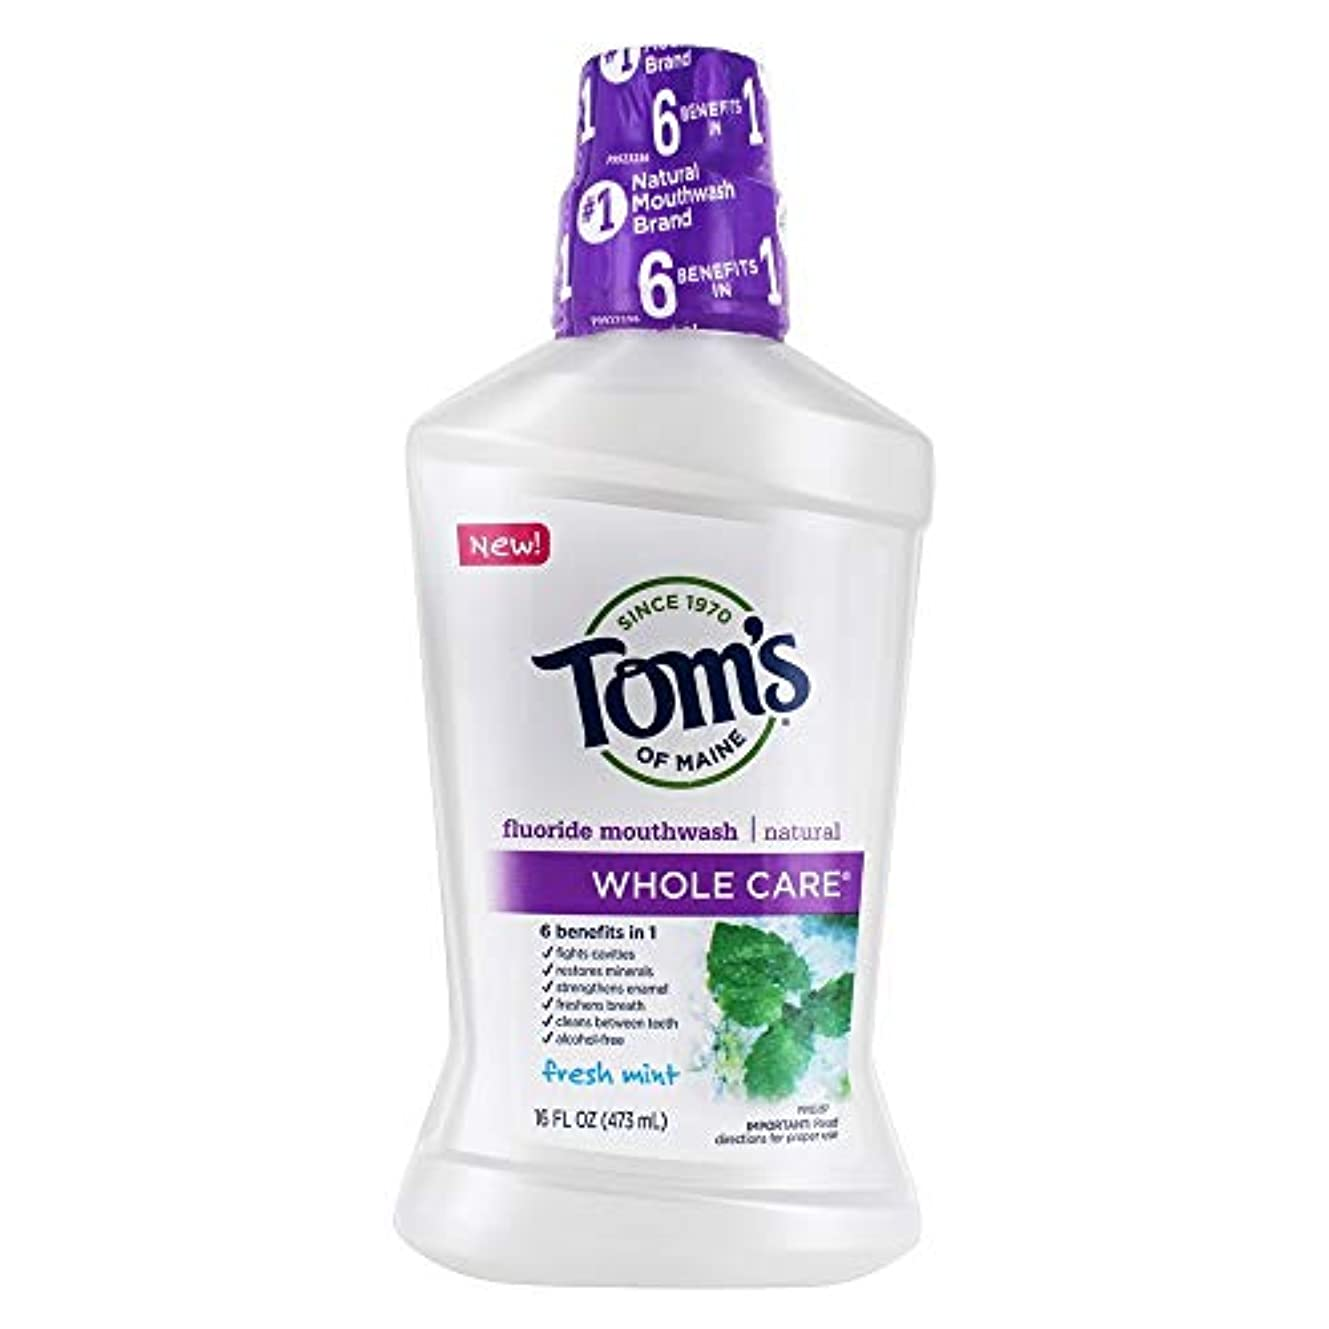 変更レッドデート赤道Tom's 全体のケアフッ化物洗口液、フレッシュミント、16液量オンス